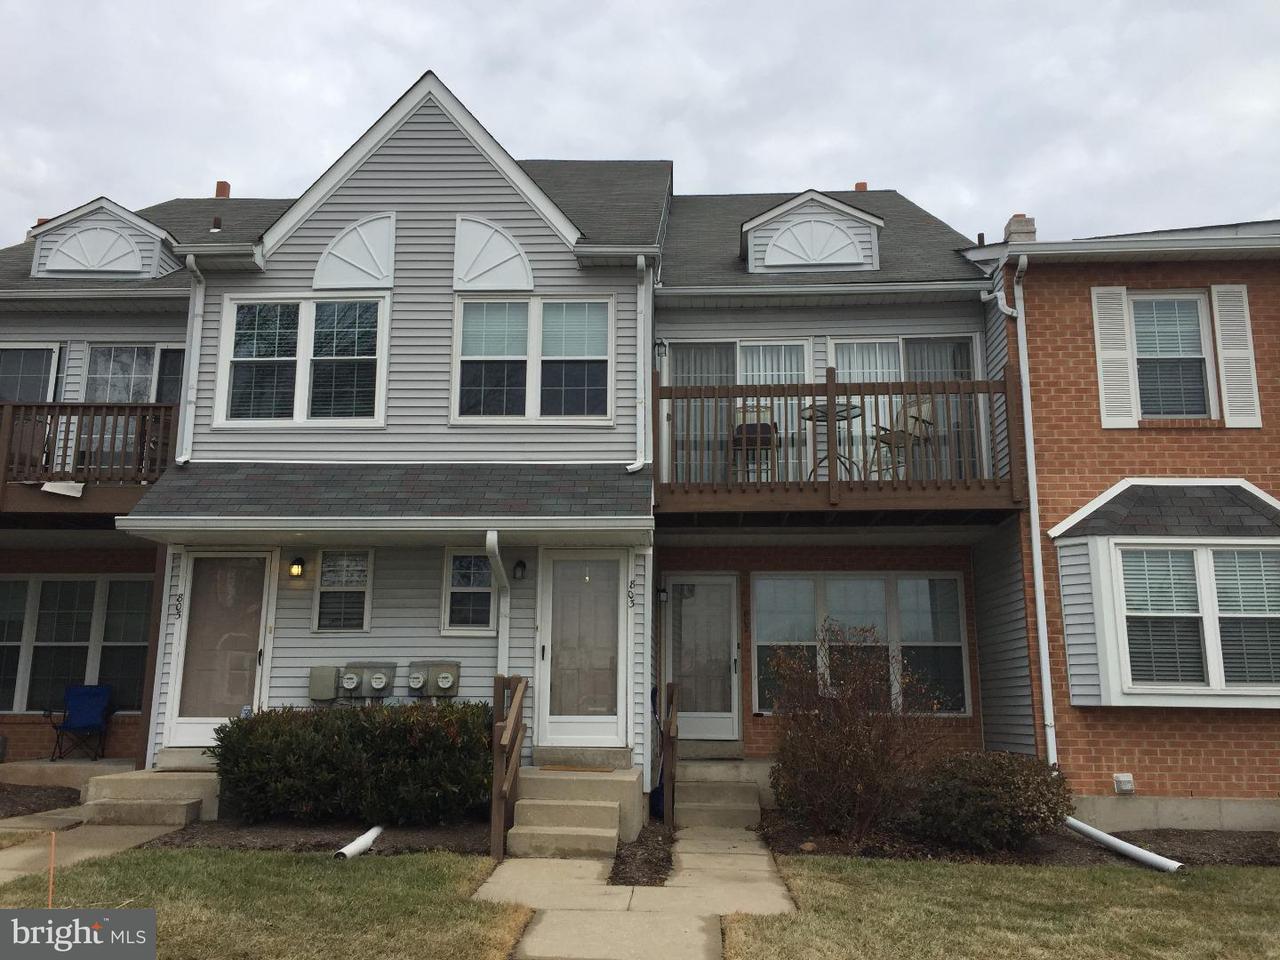 Частный односемейный дом для того Аренда на 803 NORTHRIDGE DR #107B Norristown, Пенсильвания 19403 Соединенные Штаты